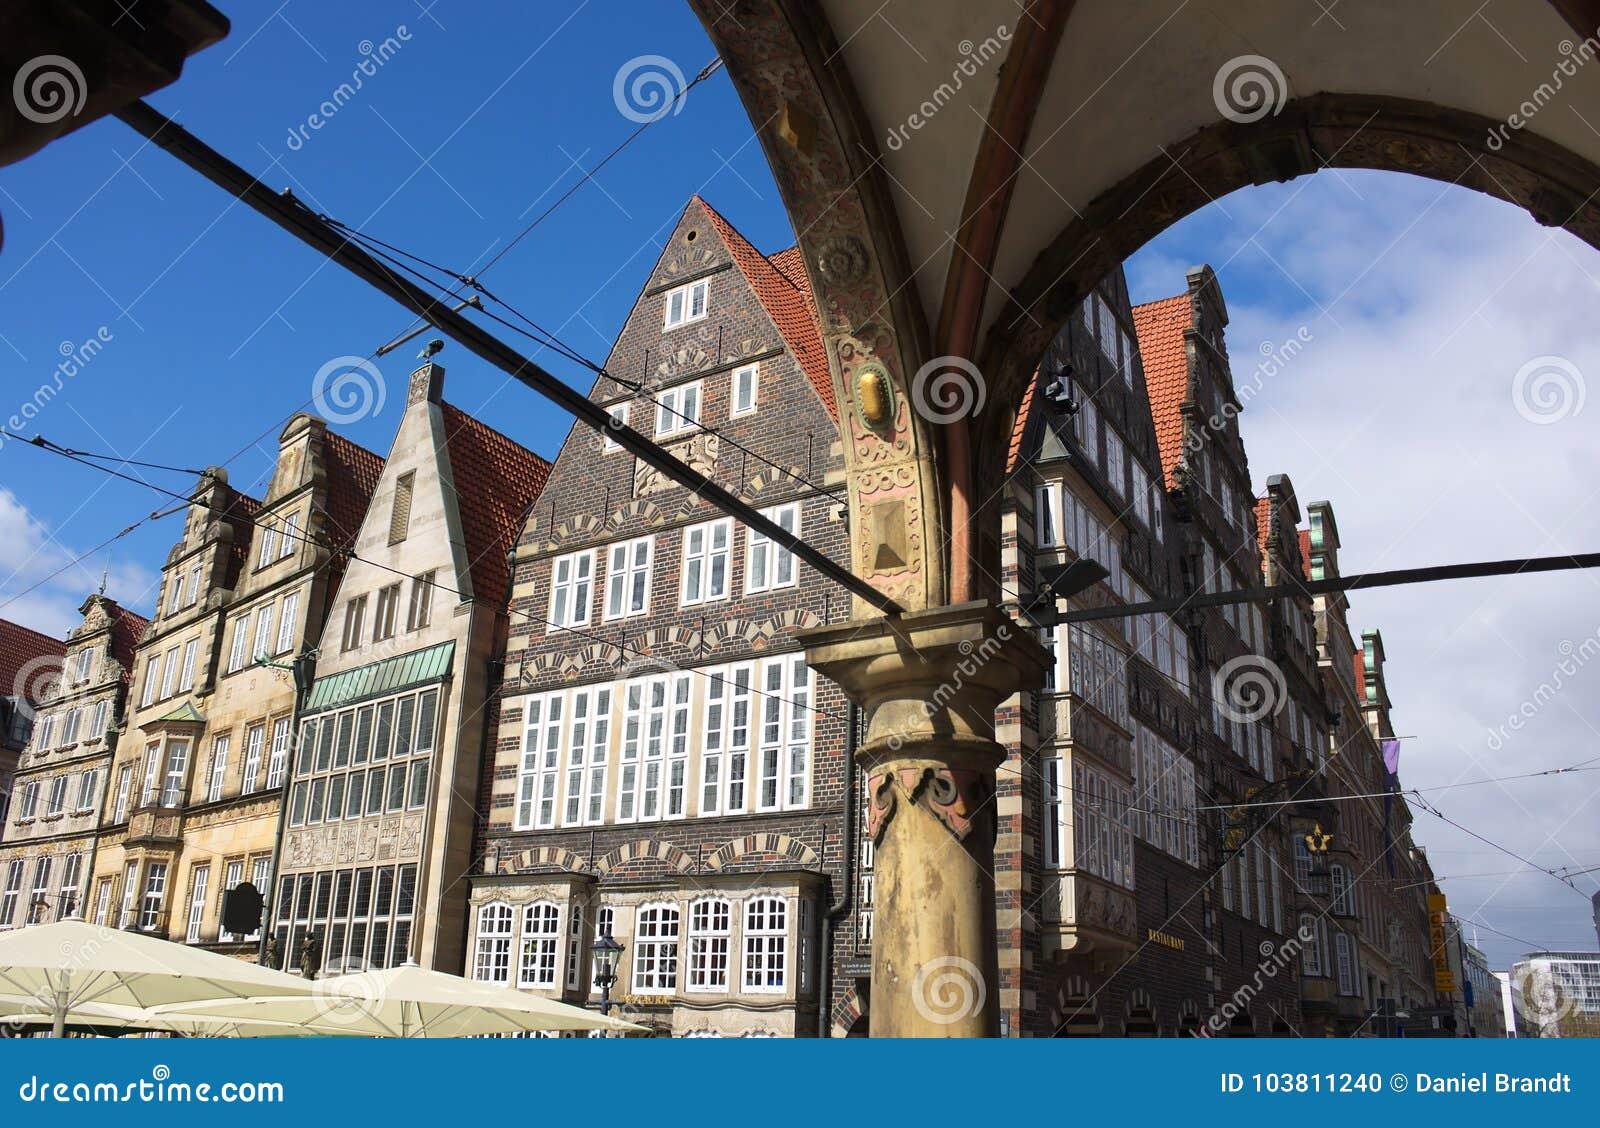 Siesuchtihn Bremen Markt